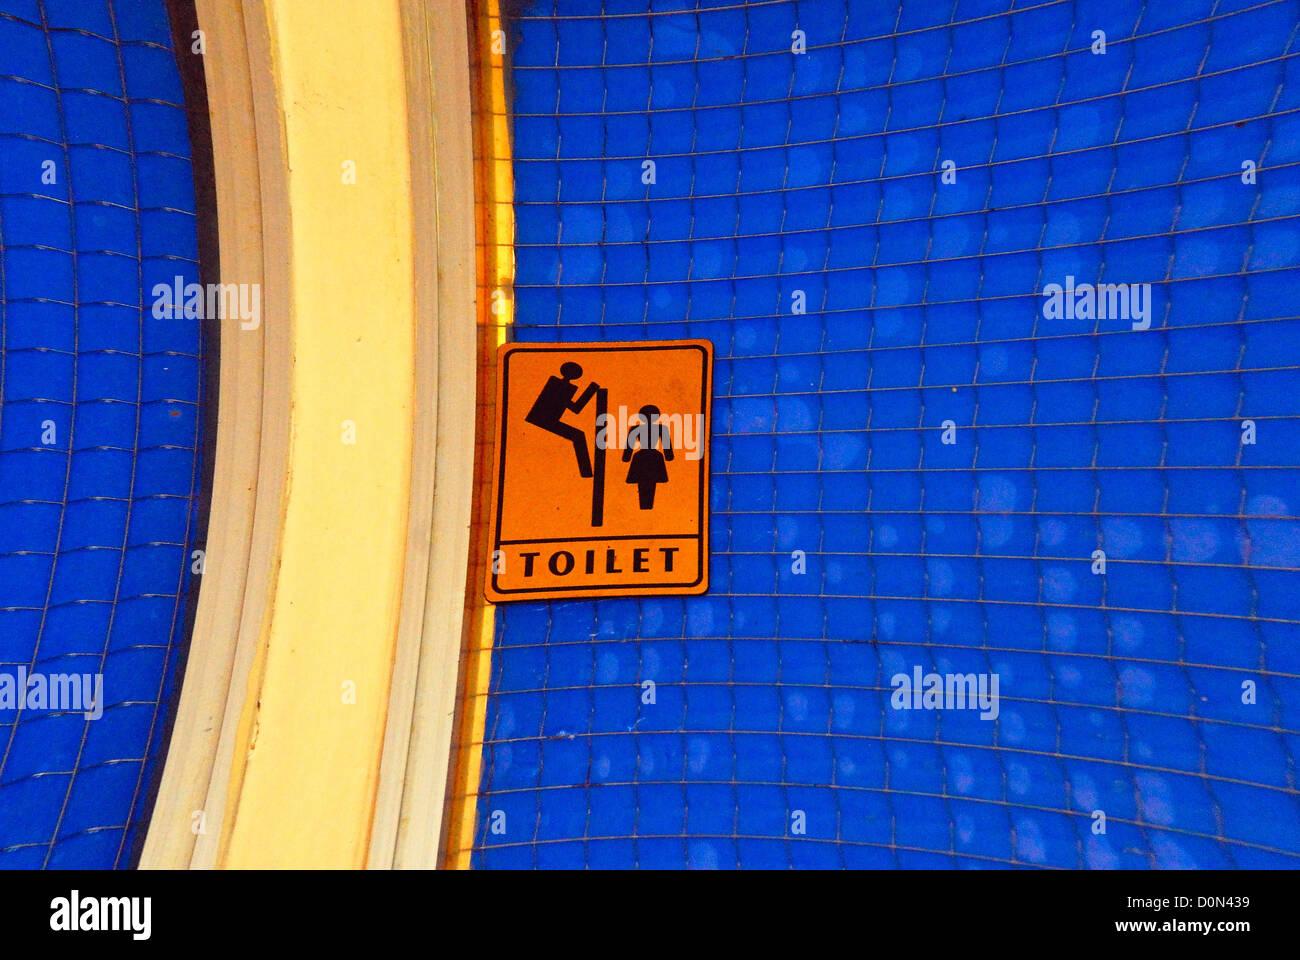 Croazia, Karlobag : questo curioso segno è stato visualizzato al di fuori della porta del bagno di un bar. Immagini Stock